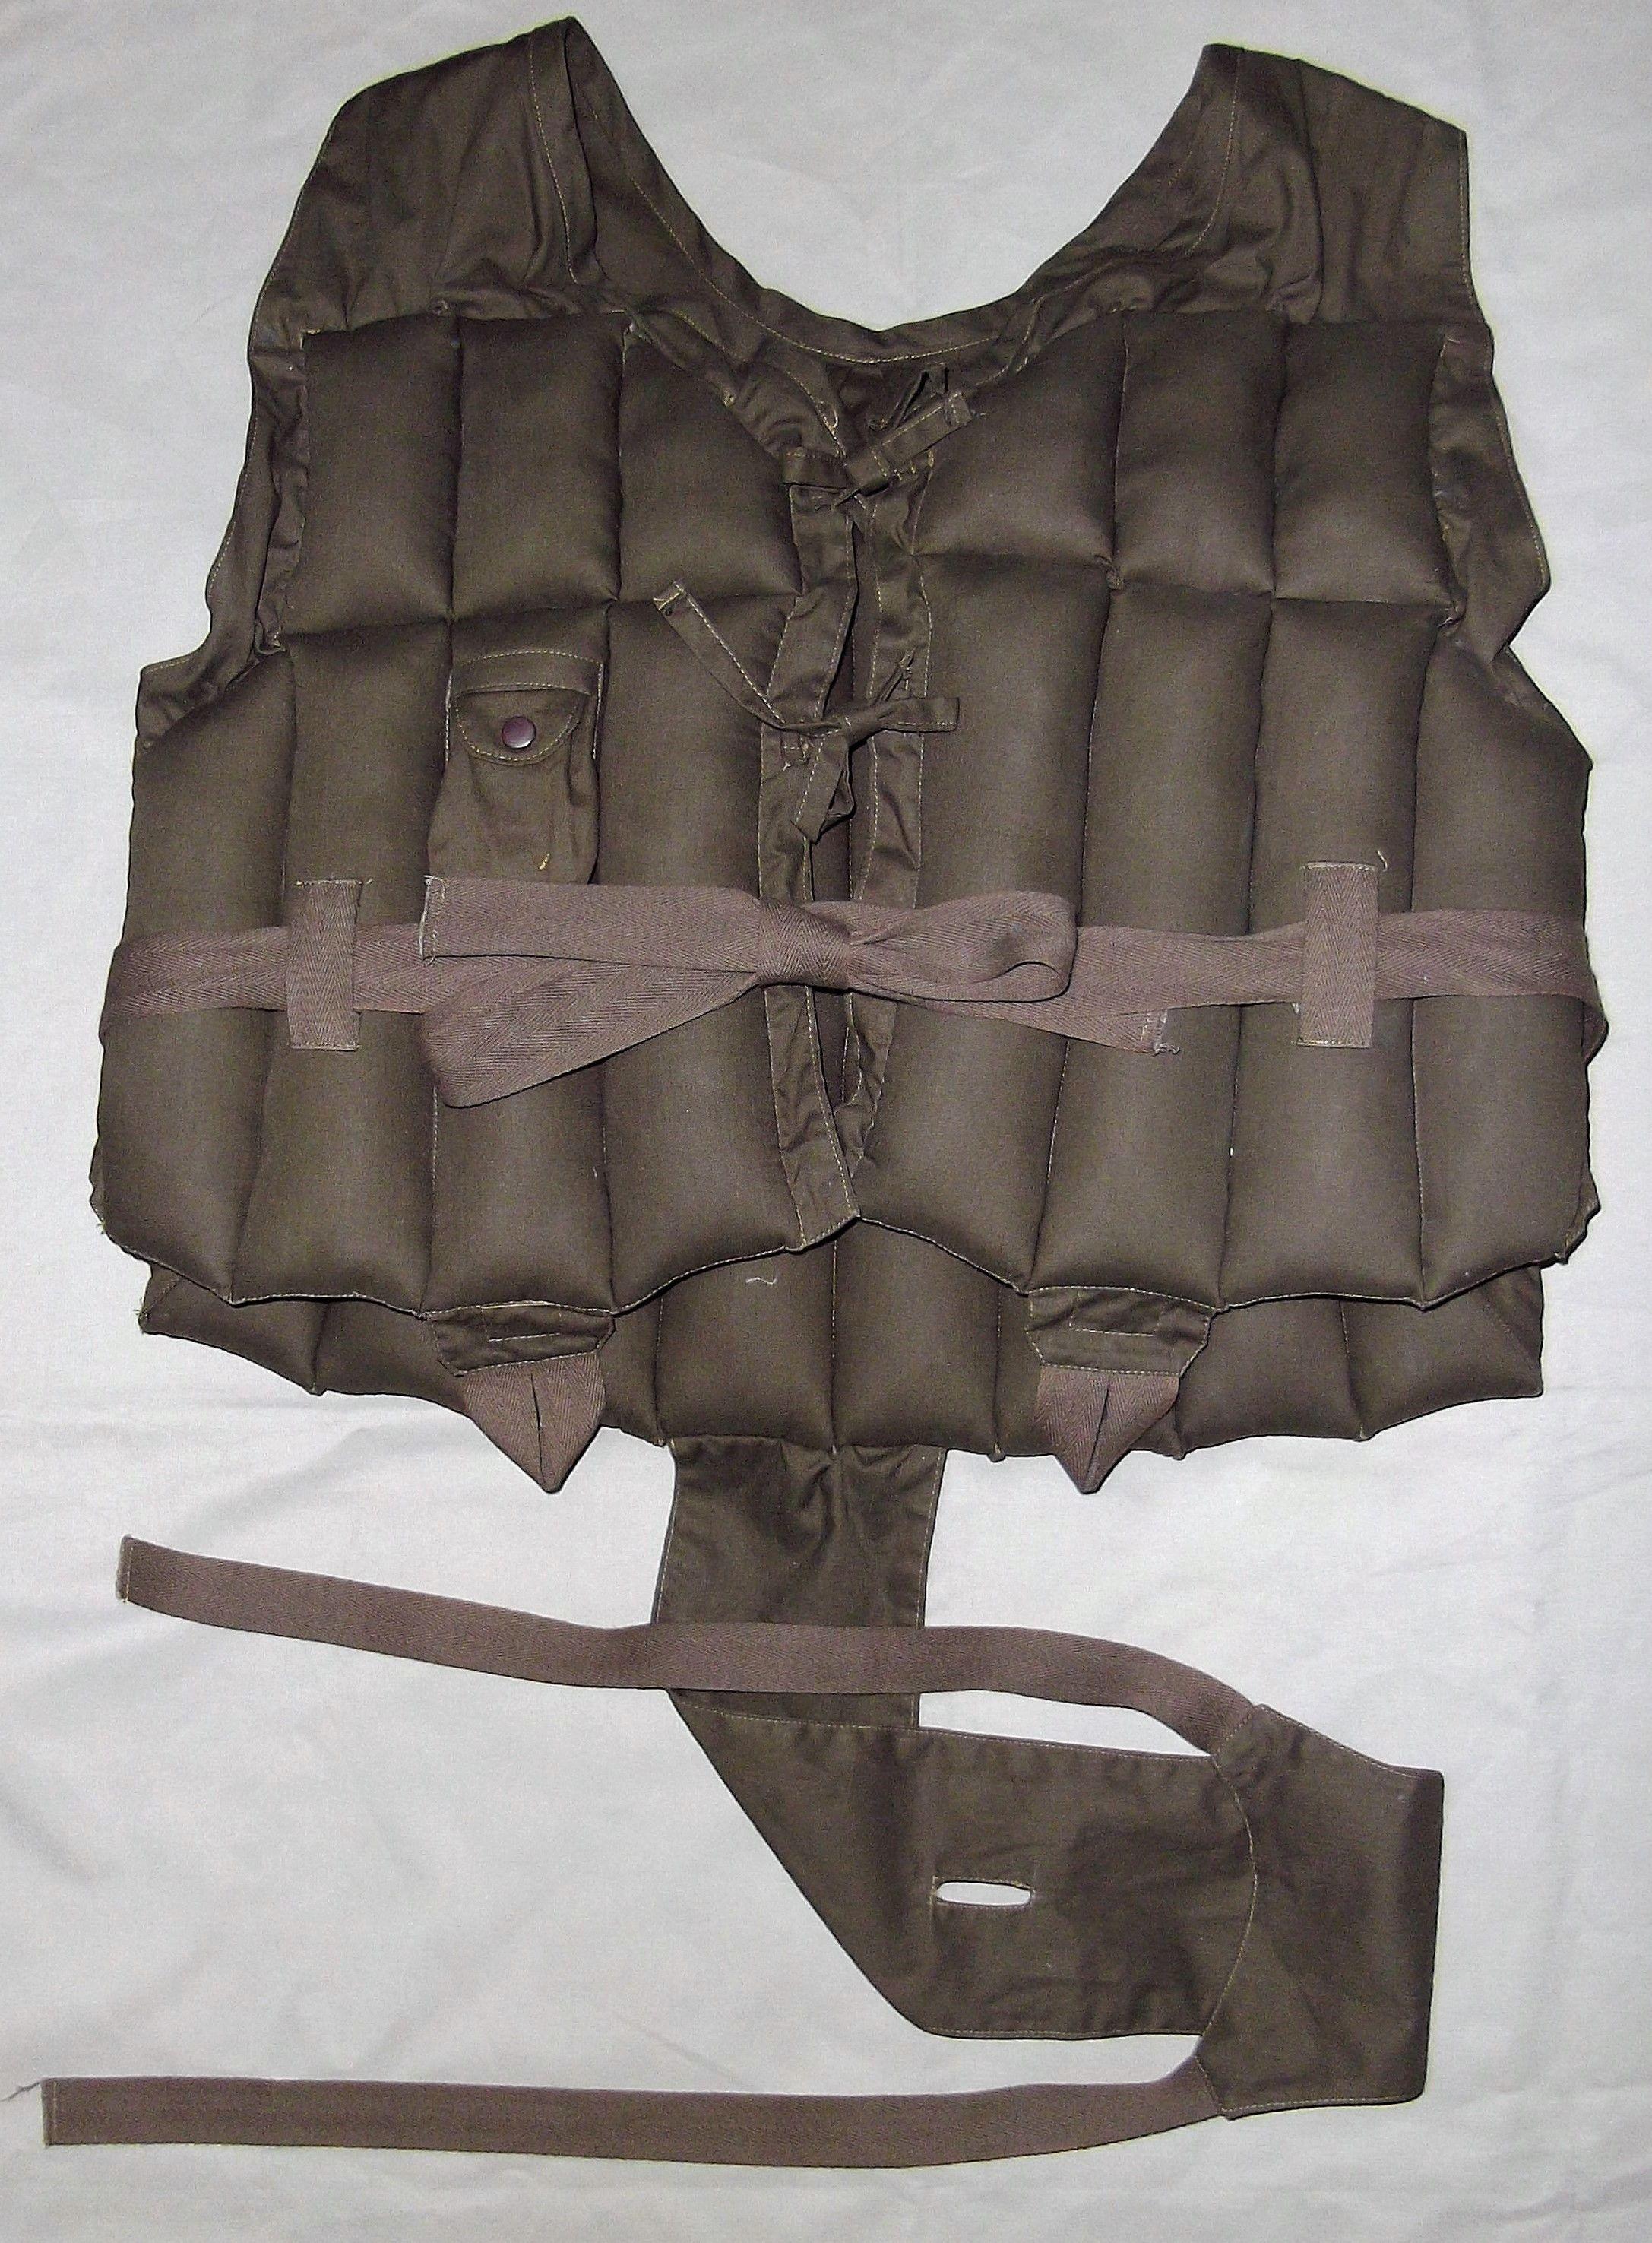 日本海軍 救命胴衣 前期型